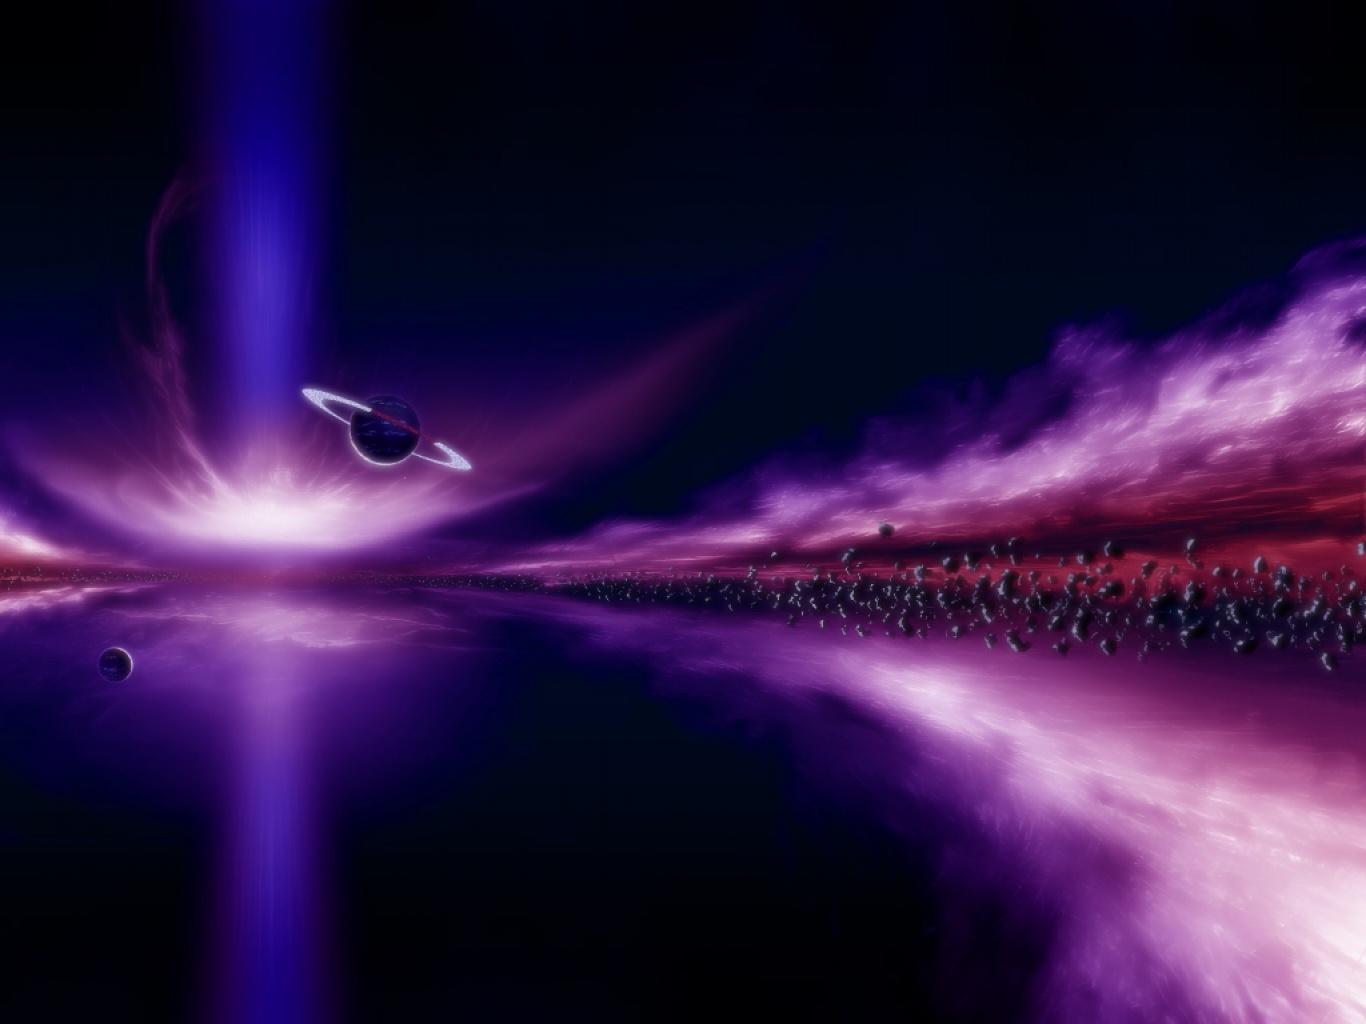 Wallpapernarium un hermoso paisaje del espacio color violeta for Espacio exterior 4k